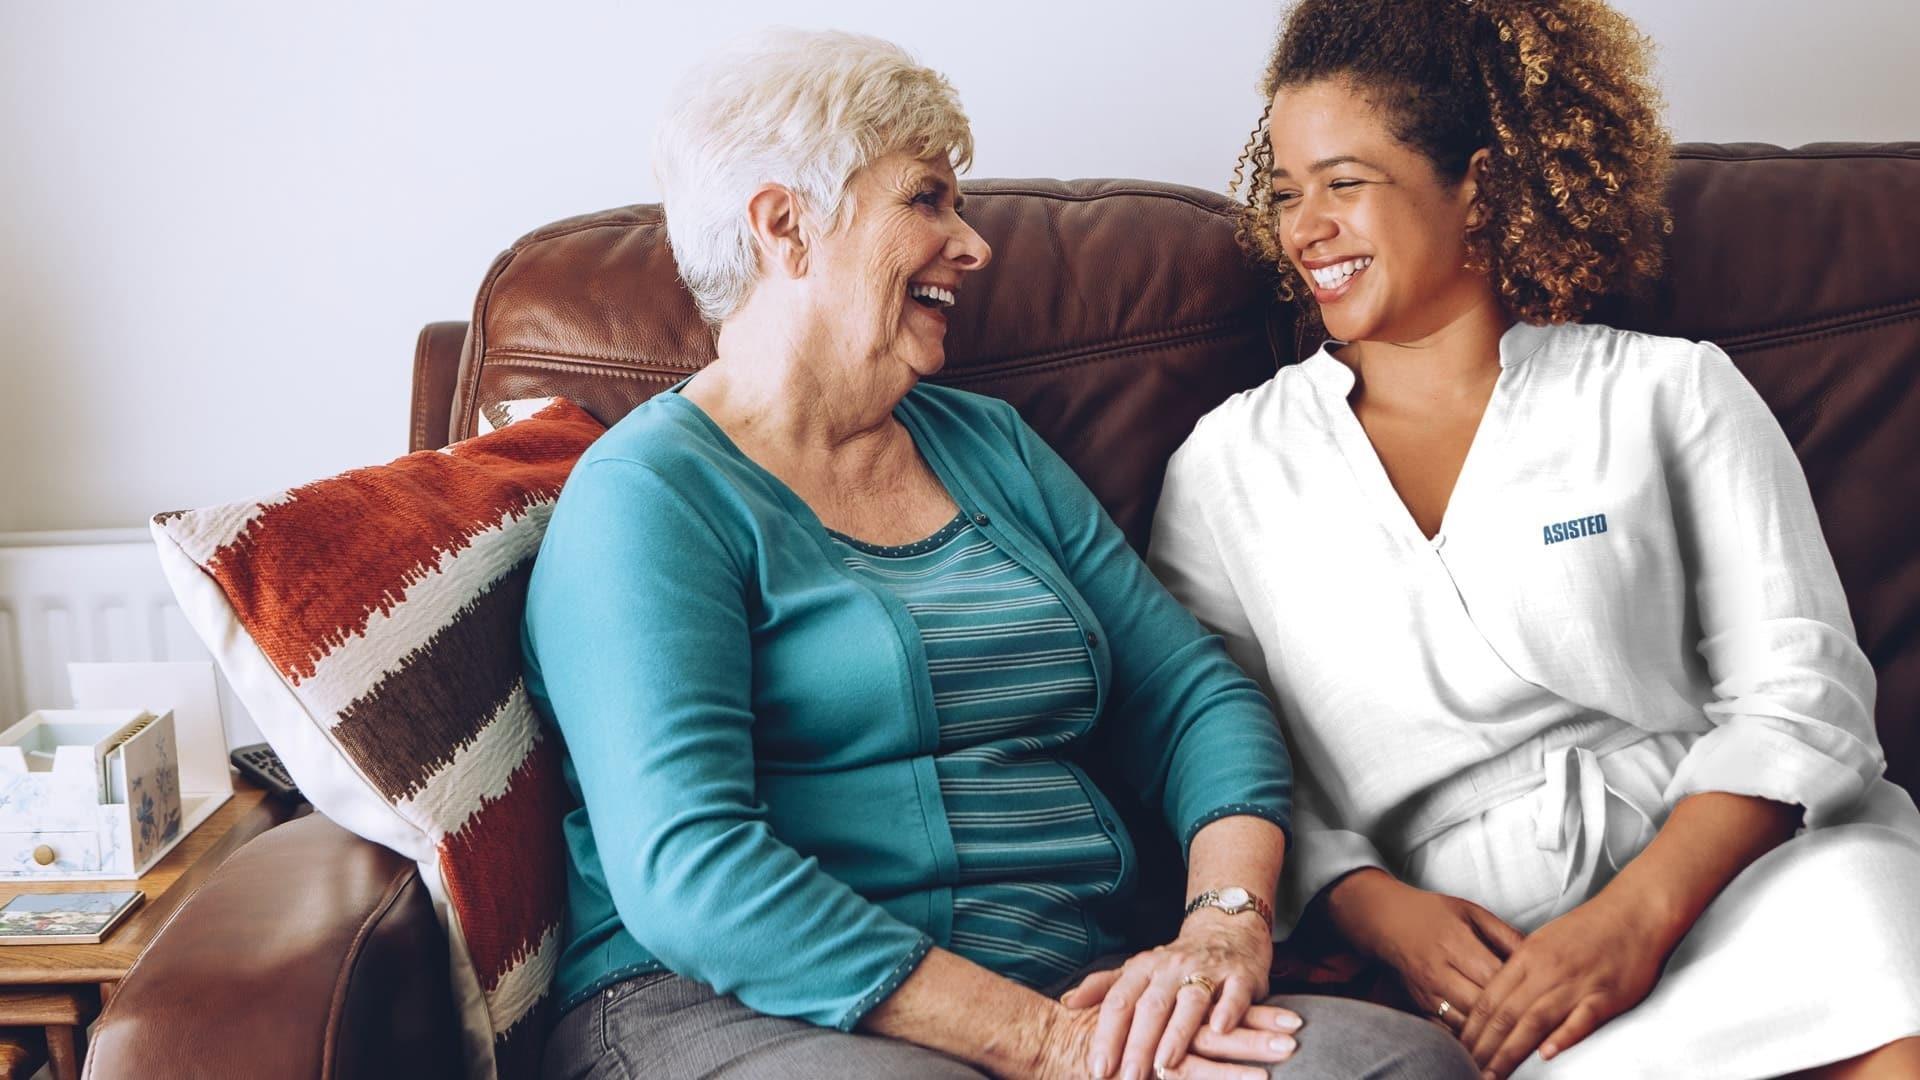 La asistencia domiciliaria de personas mayores mantiene tendencia al alza tras un incremento de solicitudes este verano